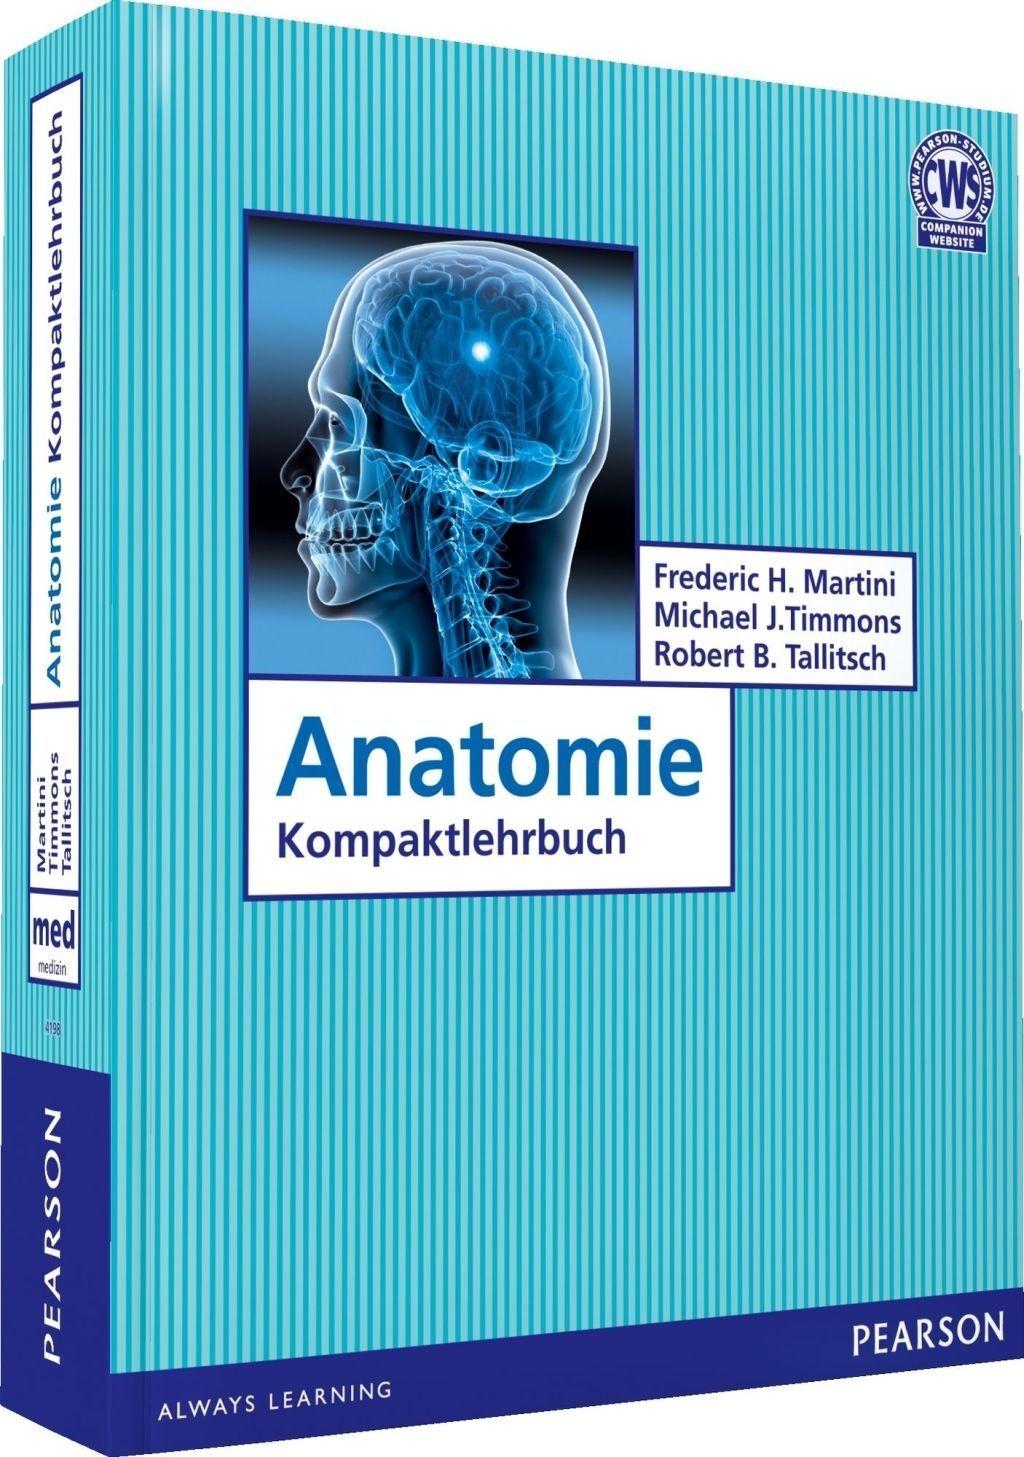 Anatomie Kompaktlehrbuch von Michael J. Timmons, Robert B. Tallitsch ...